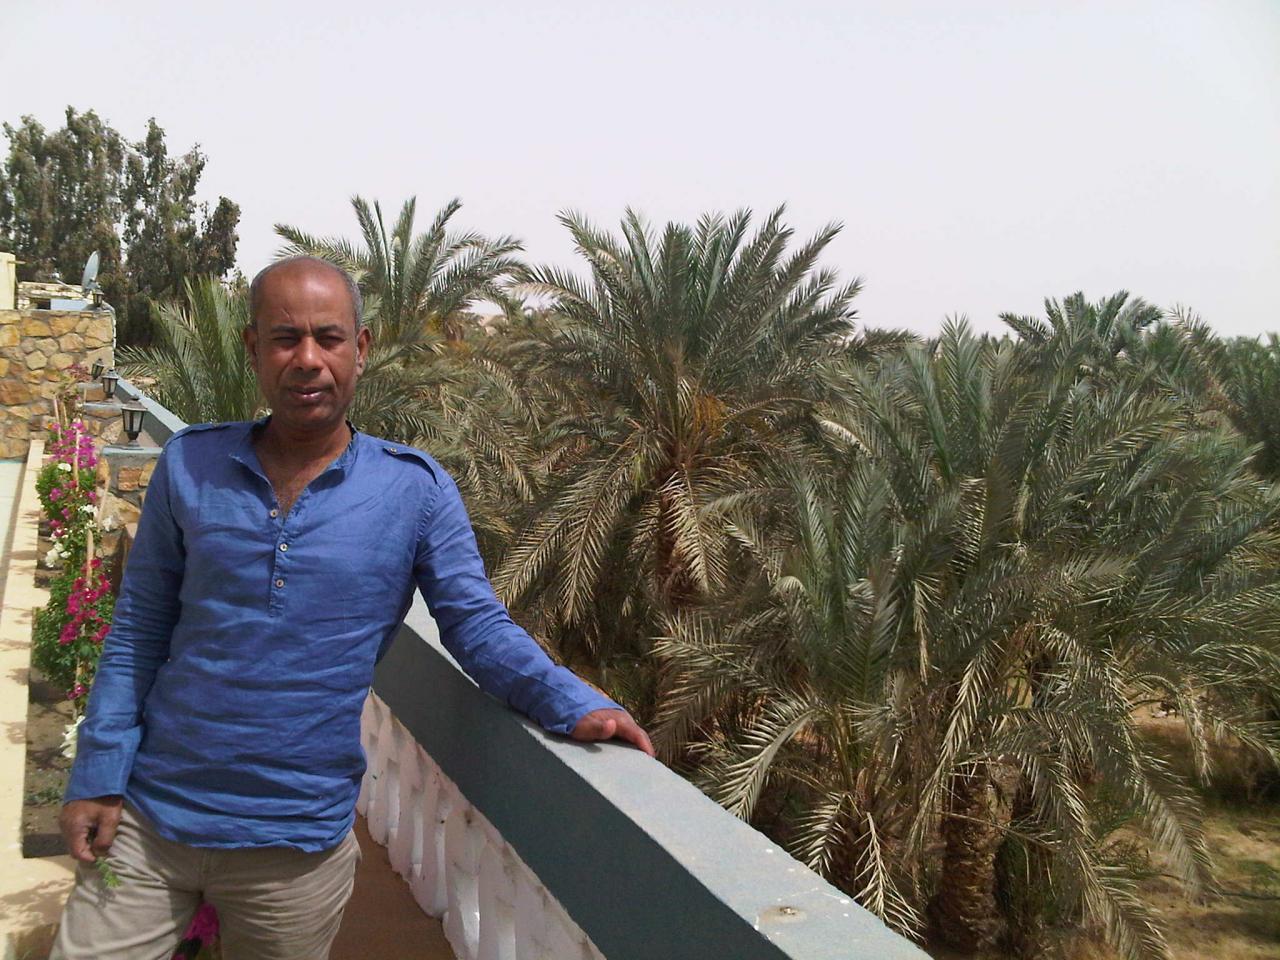 Hussein - Vue sur une palmeraie